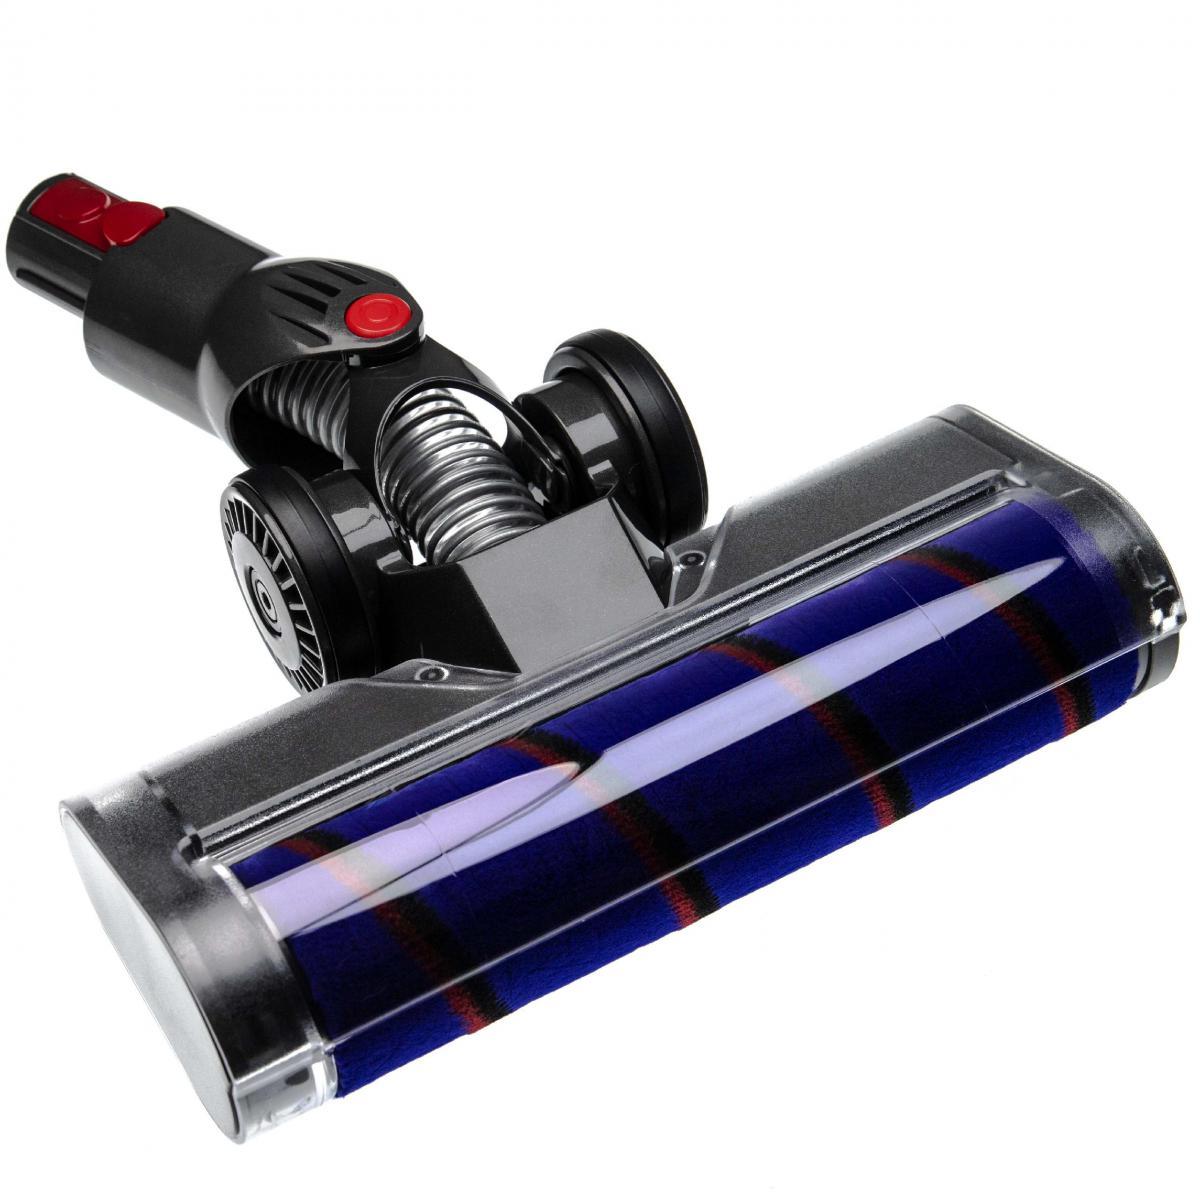 Vhbw vhbw buse de sol buse soft remplace Dyson 966489-08, 966489-11 pour aspirateur - gris / lilas / rouge / noir 25cm avec m